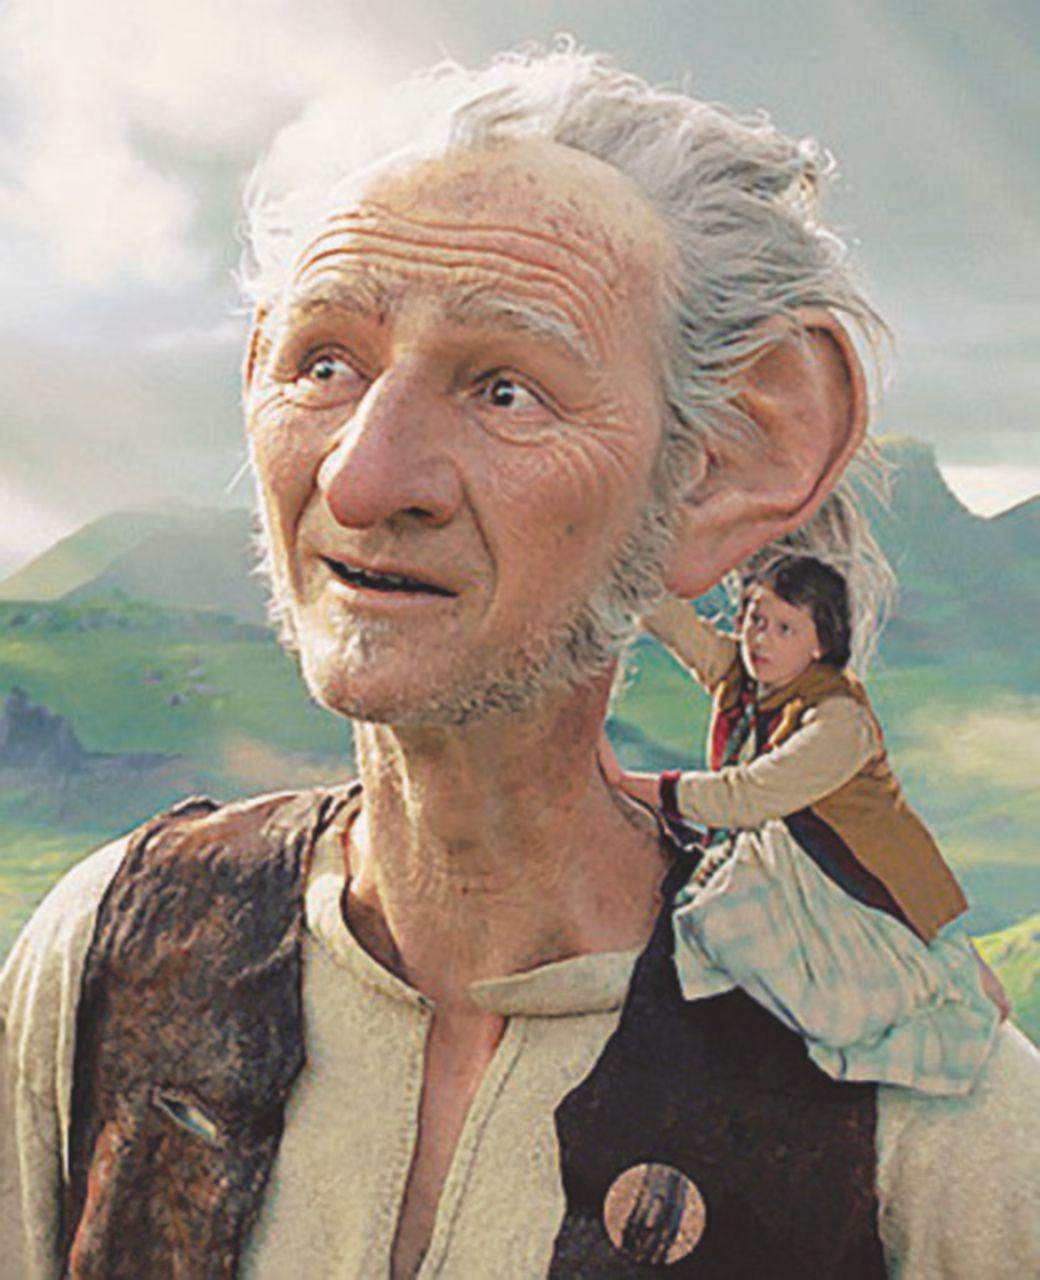 Il Gigante cattura-sogni: la strana coppia Roald Dahl-Steven Spielberg